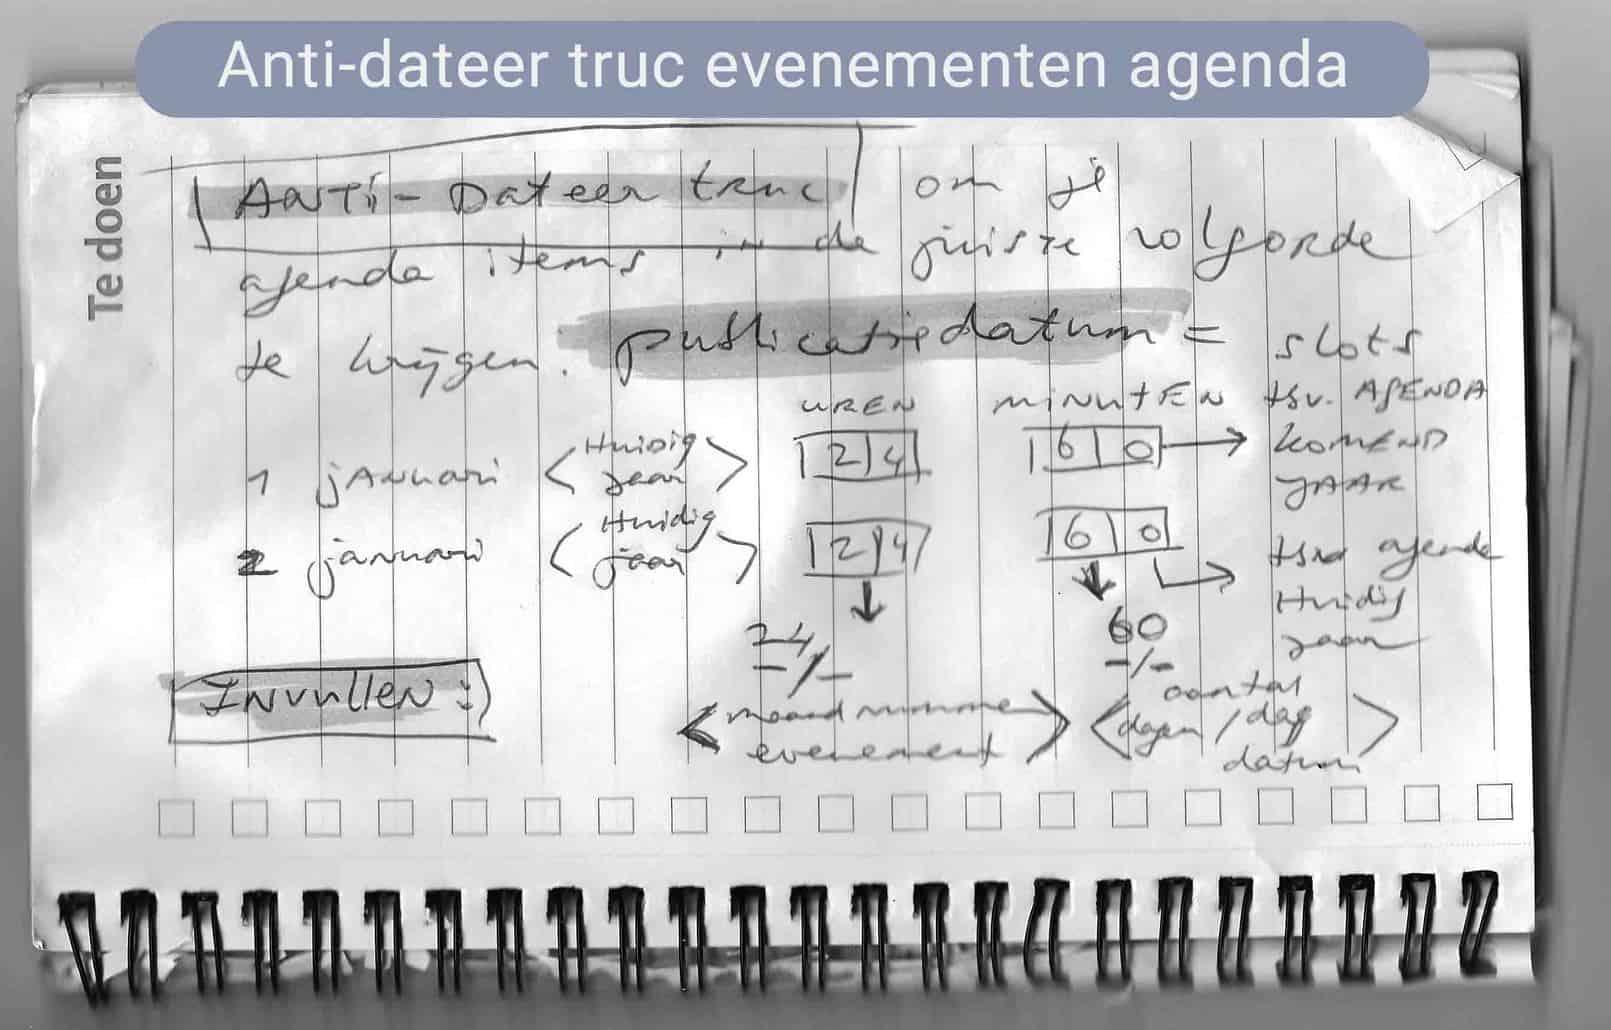 WordPress volgorde van agenda evenementen aanpassen via publicatiedatum